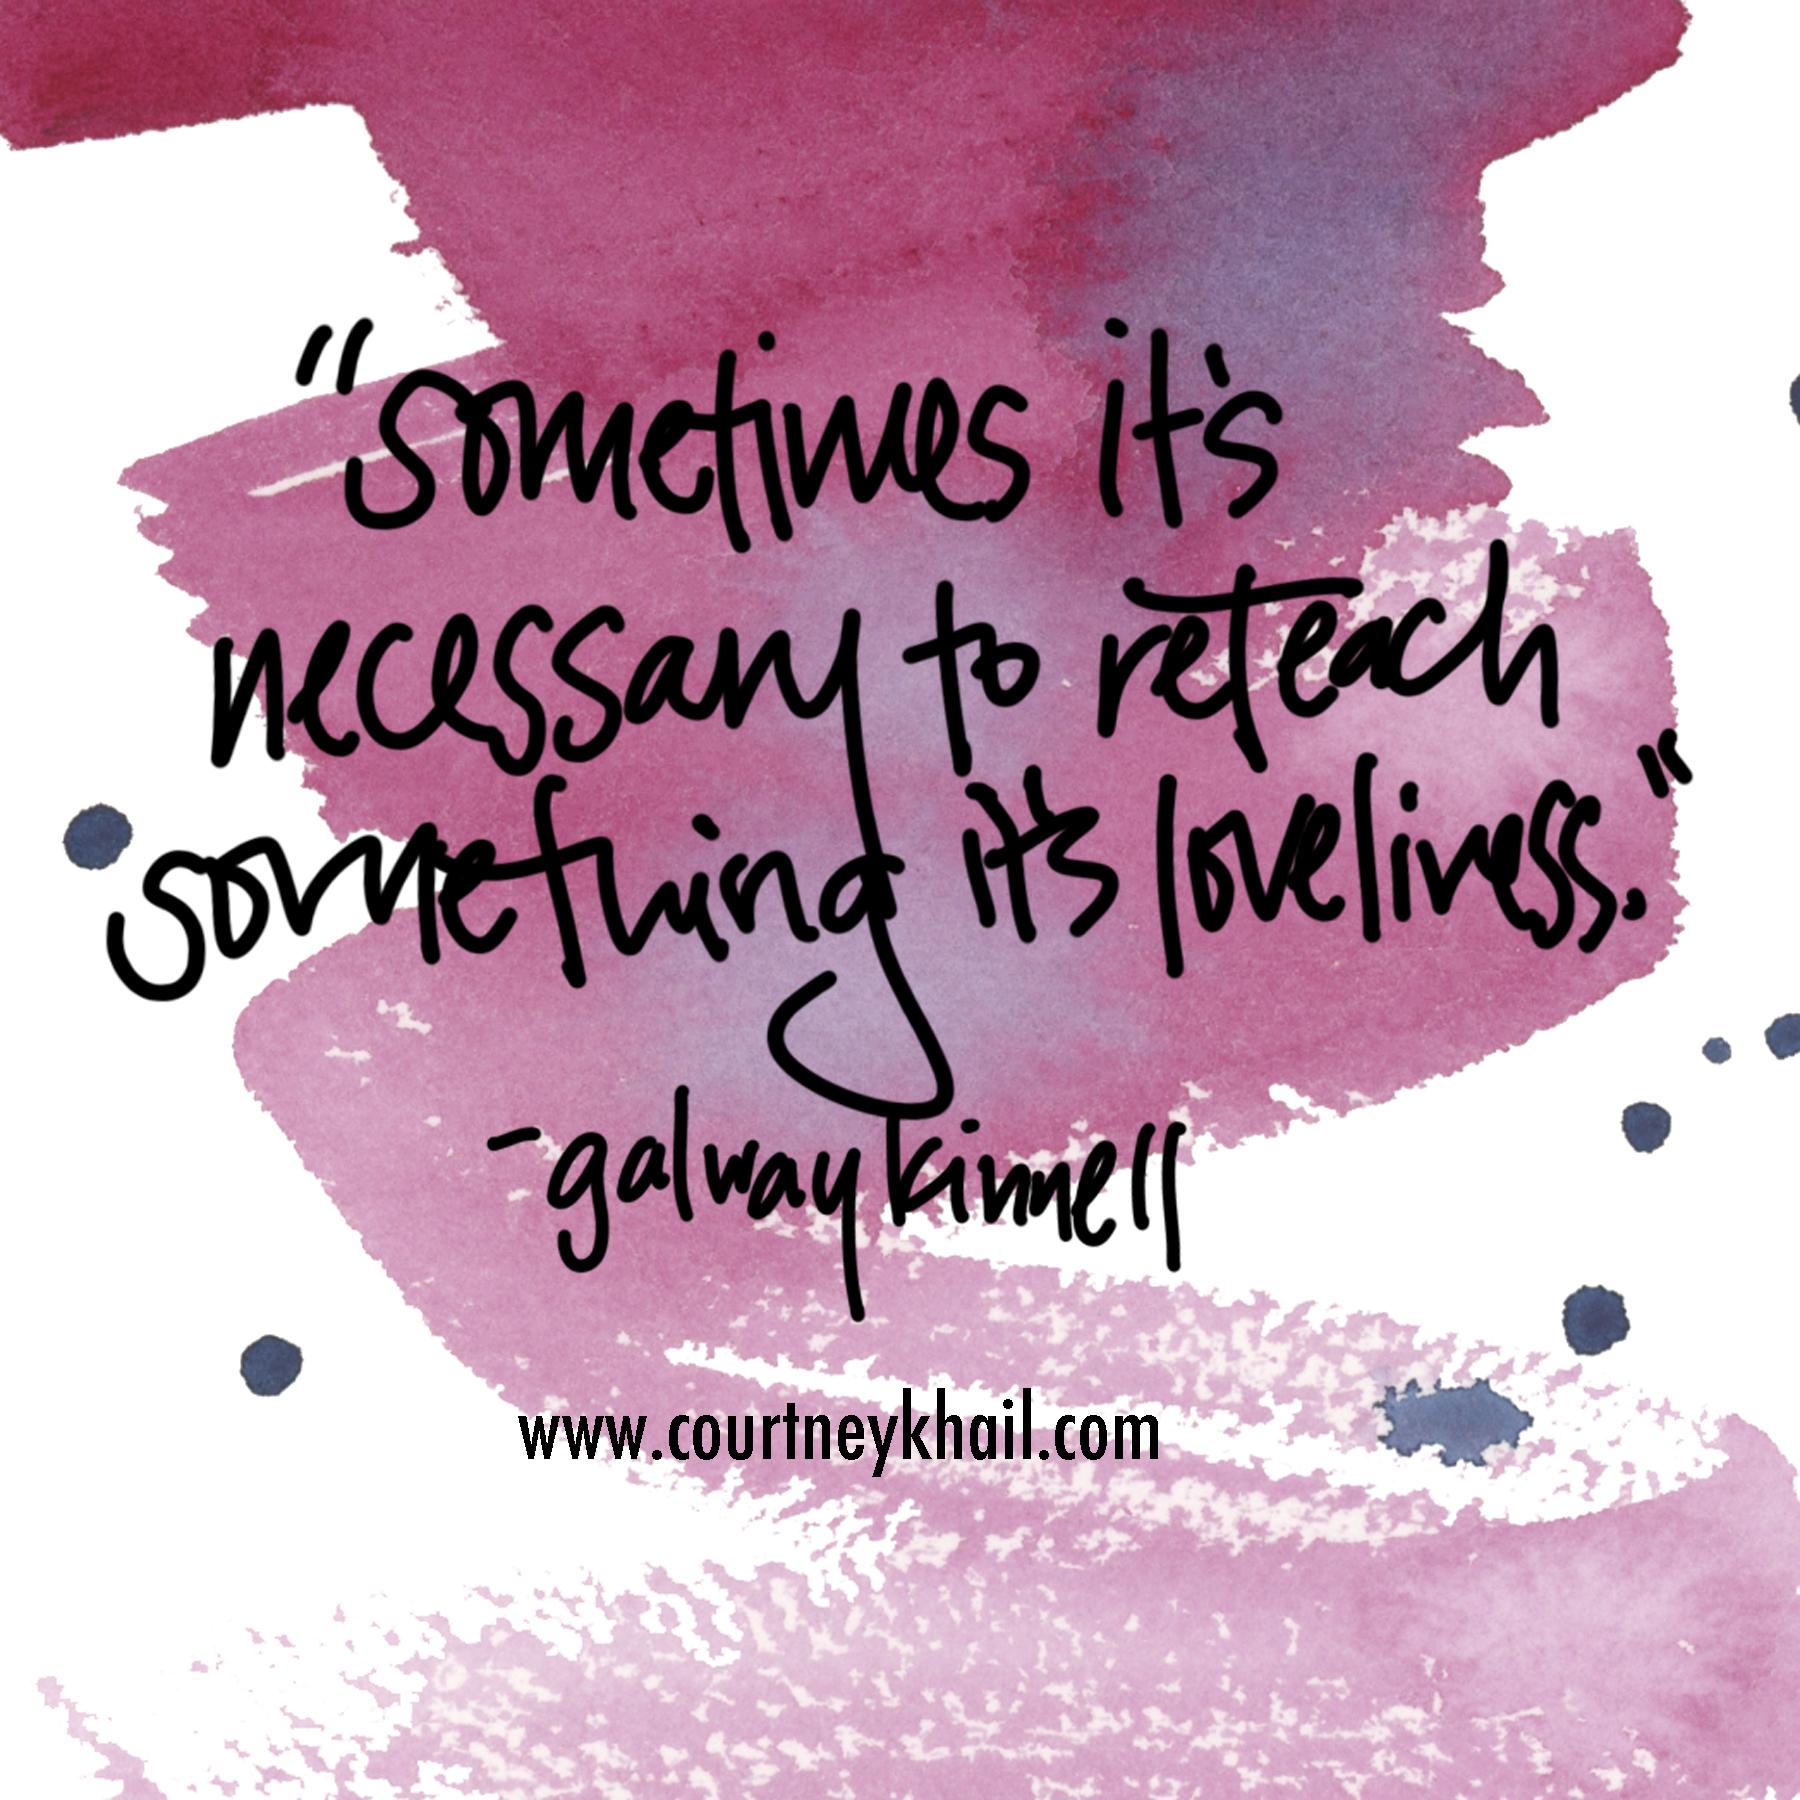 reteach its loveliness| galway kinnell | watercolor by atlanta artist courtney khail